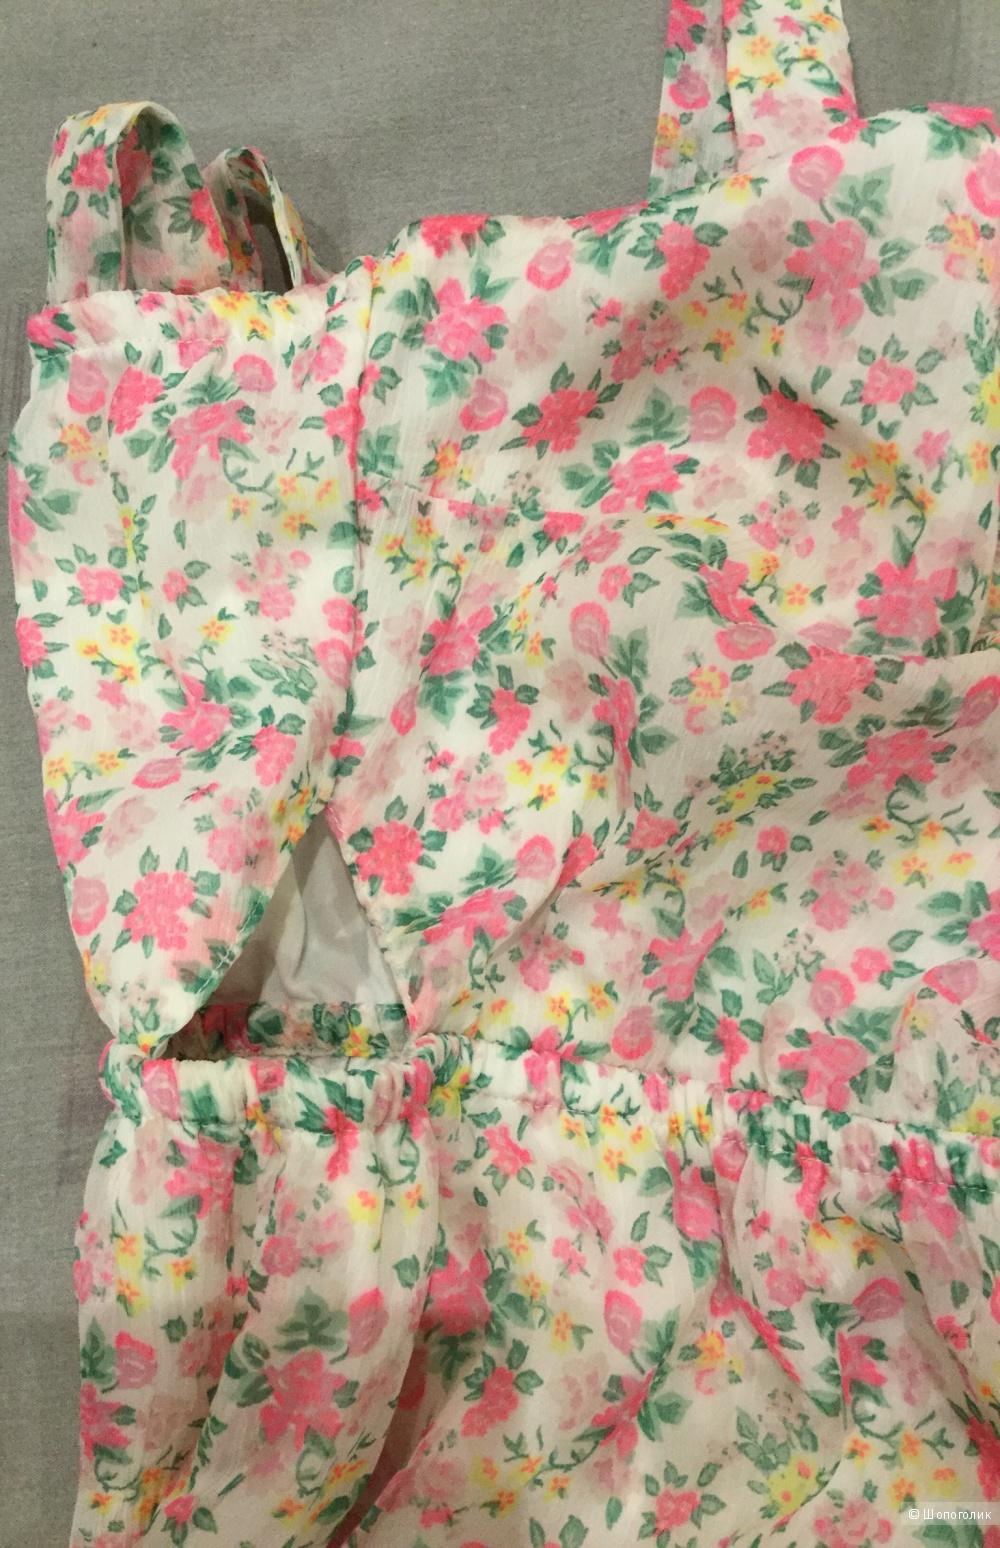 Сет из 2 платьев Jennyfer размер XS